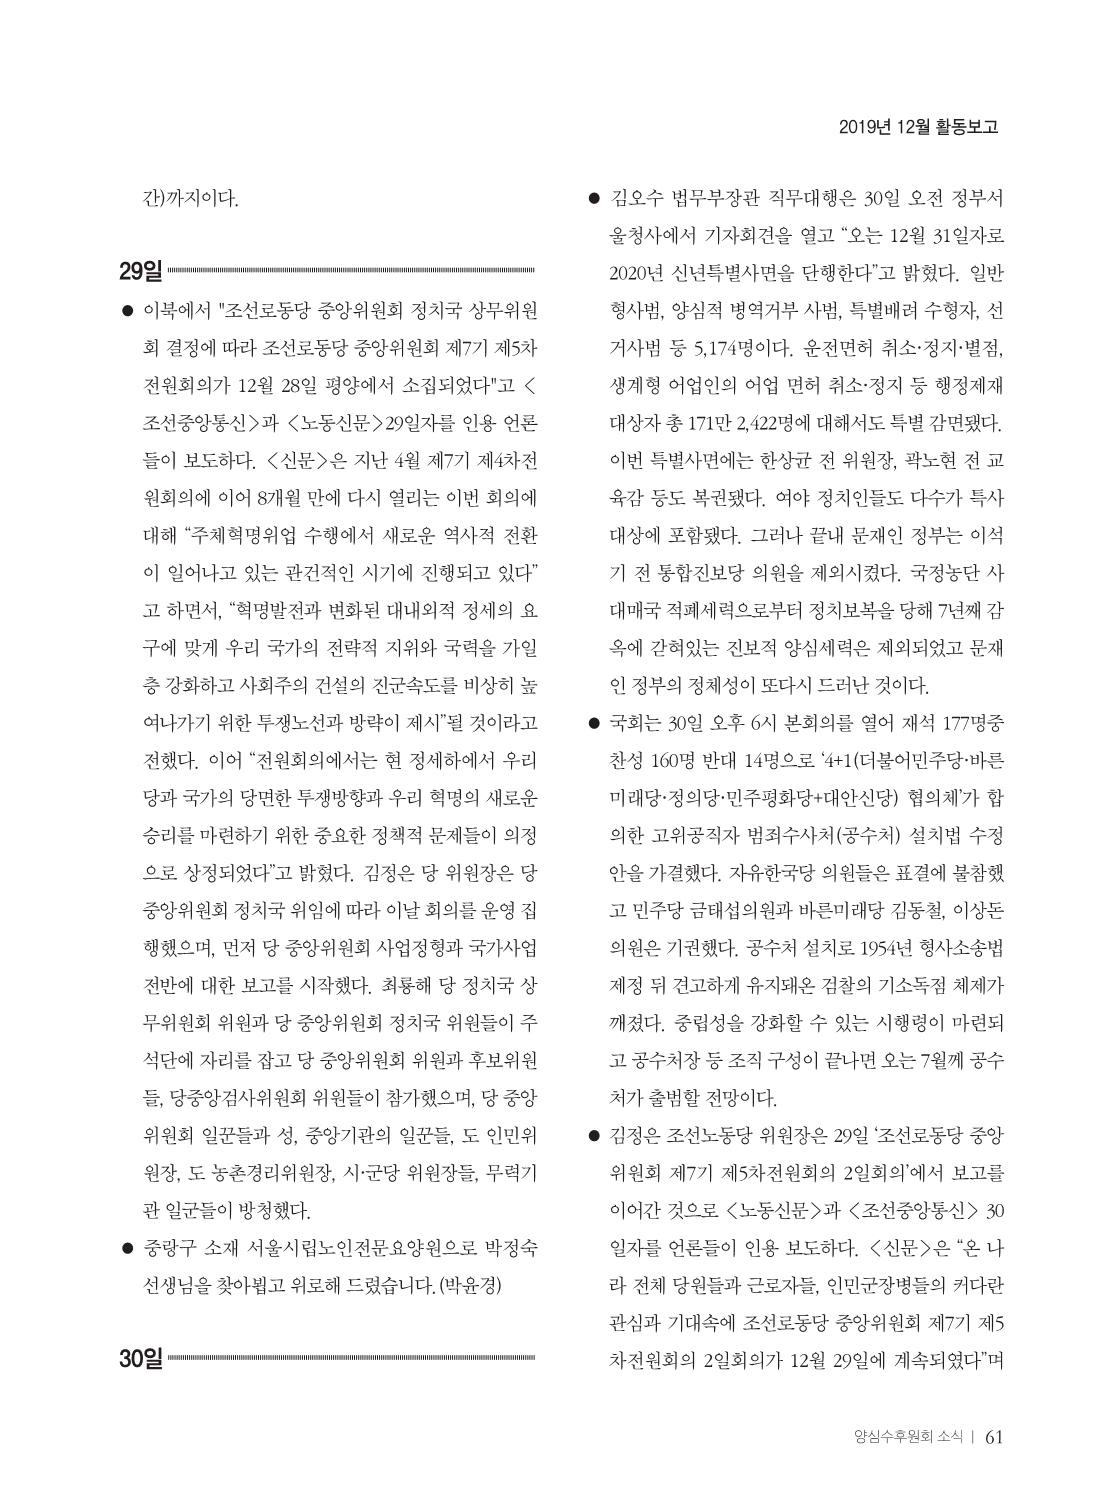 a864bddb-4dd3-476a-b443-283540dfe024.pdf-0063.jpg